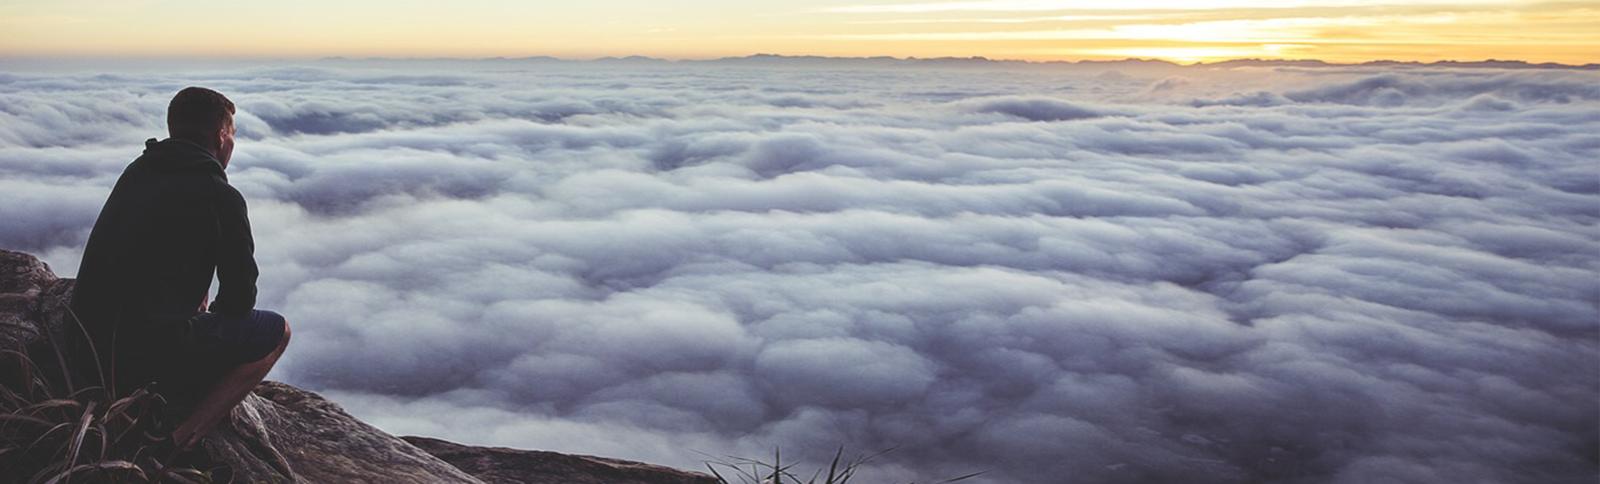 Wolken, Sonnenaufgang, Berg, beobachten, Reise, verweilen, Perspektive, Timeline, arbeit, Coaching, Drehbuch, Autor, Schriftsteller, Buch, zu ende schreiben, beenden, Hilfe, Systeme, Storytelling